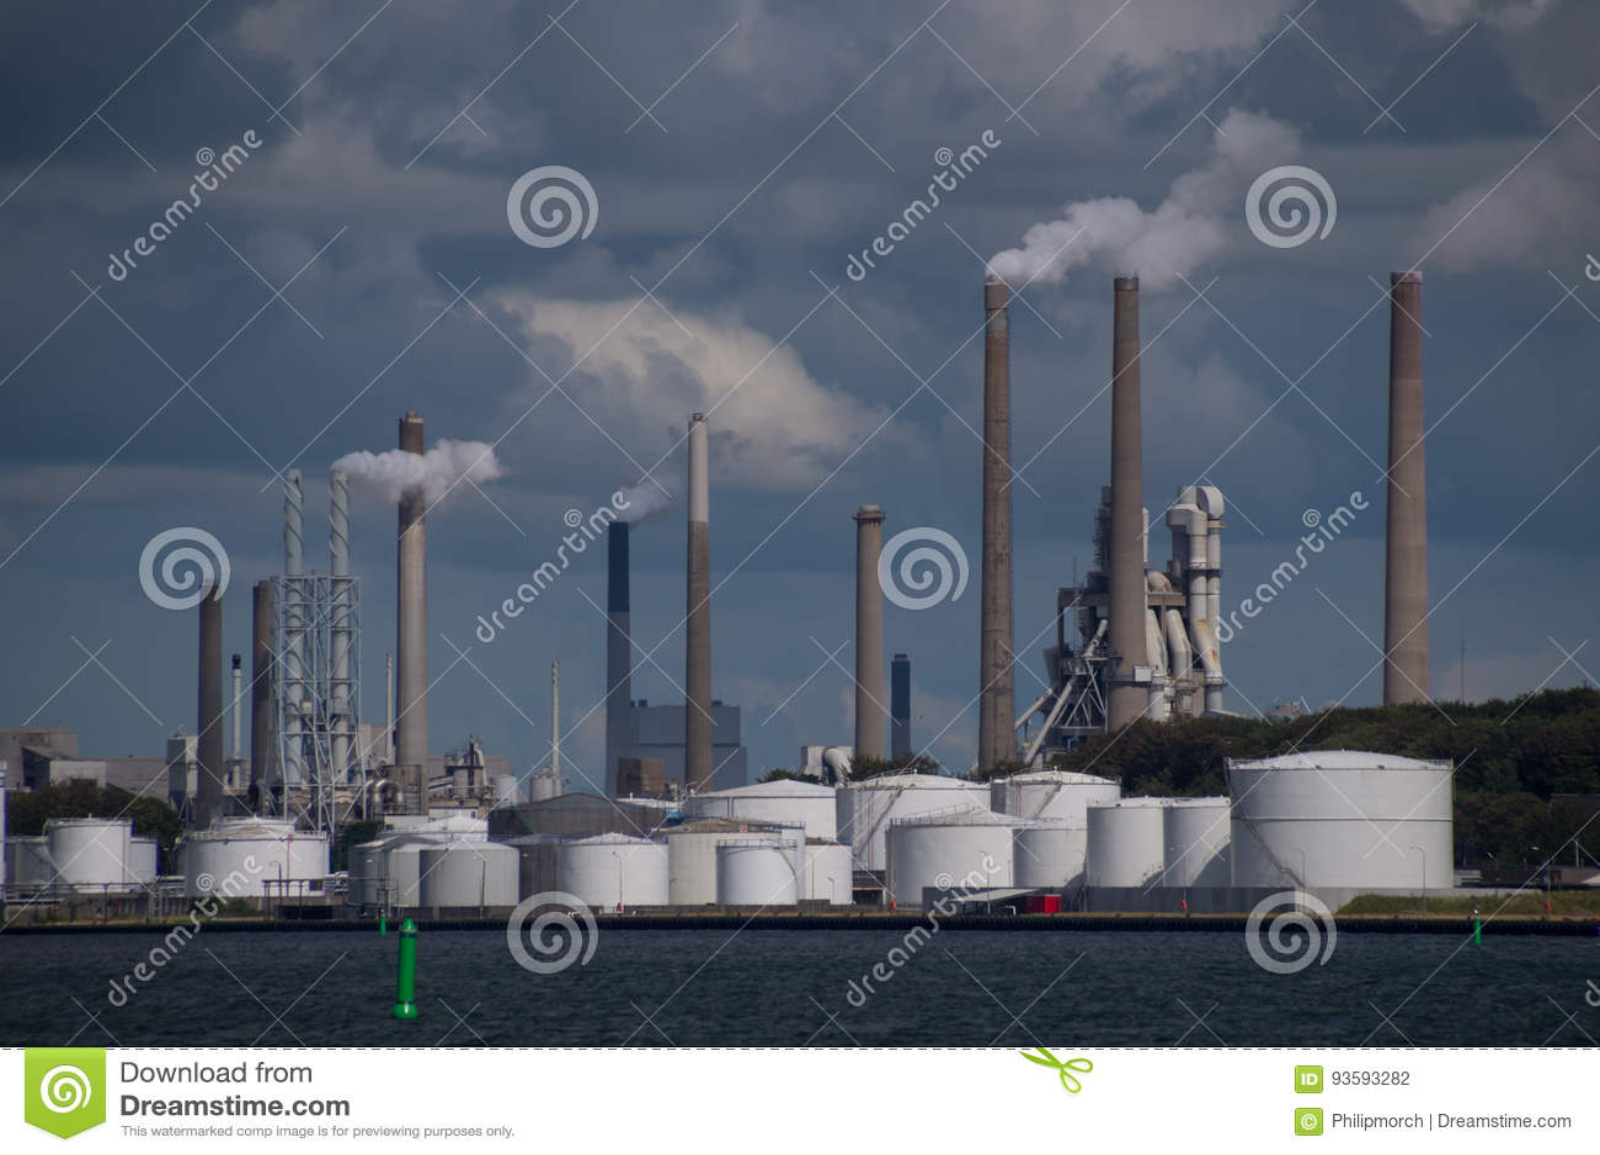 Contaminación atmosférica de las chimeneas en la planta de fábrica industrial